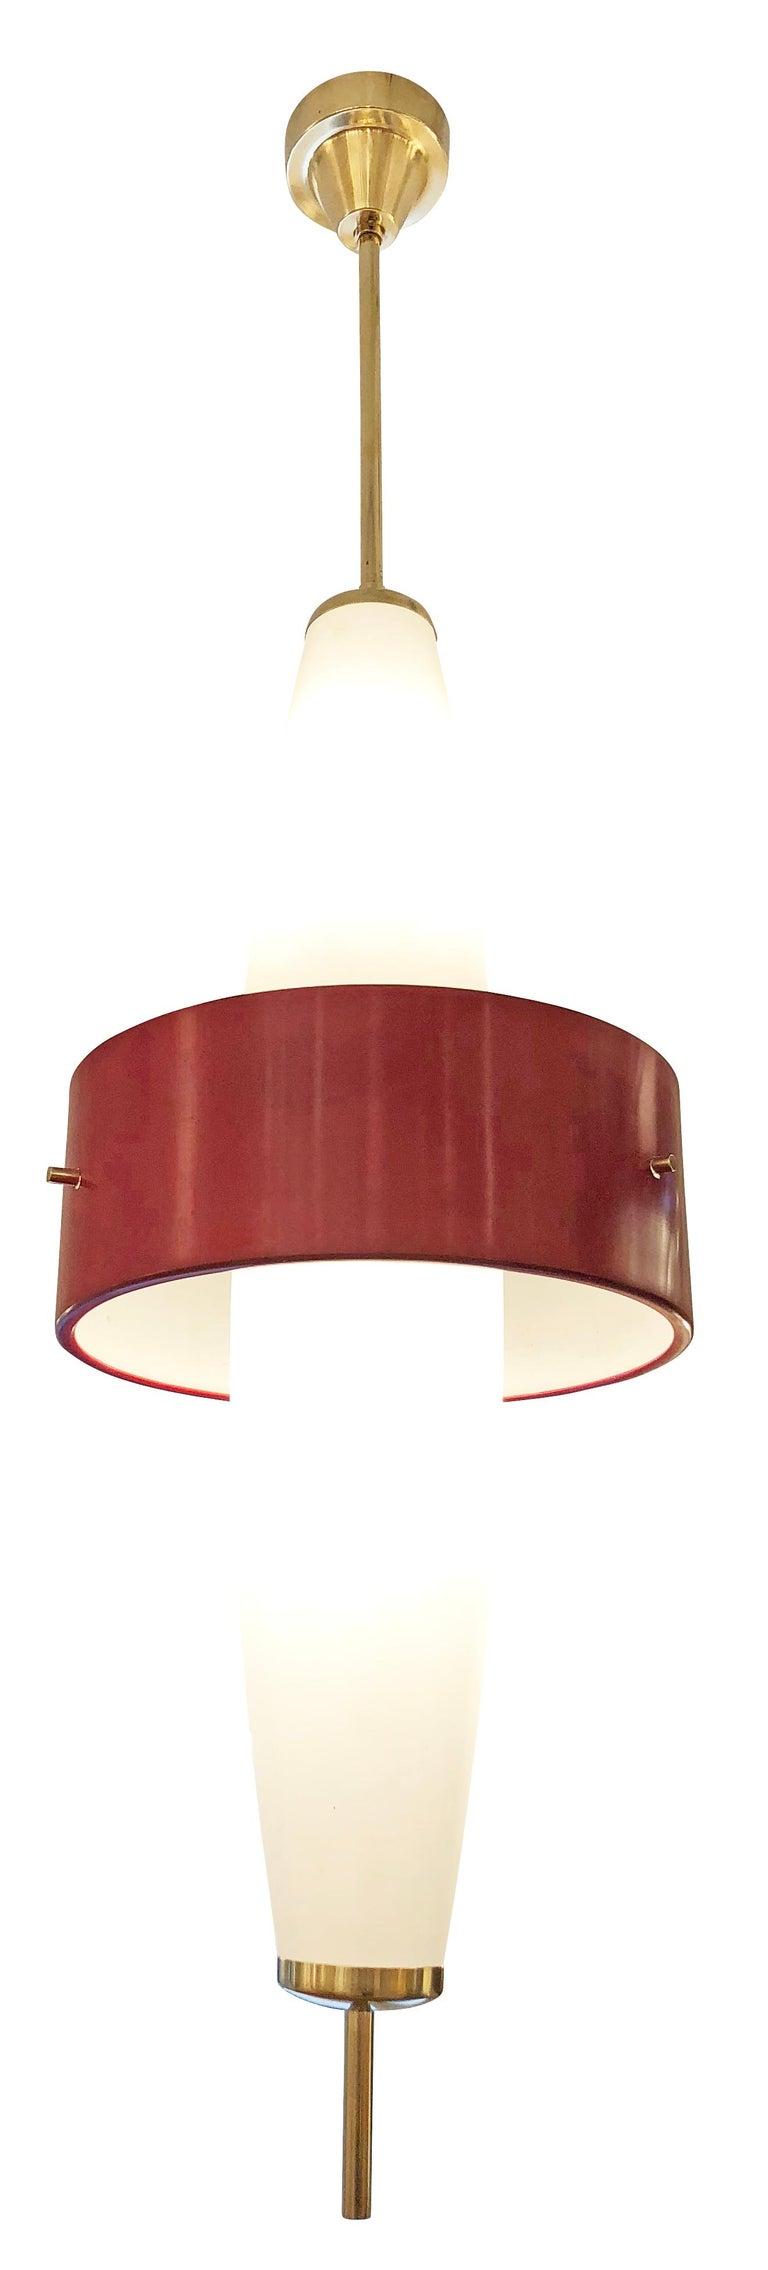 Mid-Century Modern Stilnovo Pendant, Italy, 1960s For Sale